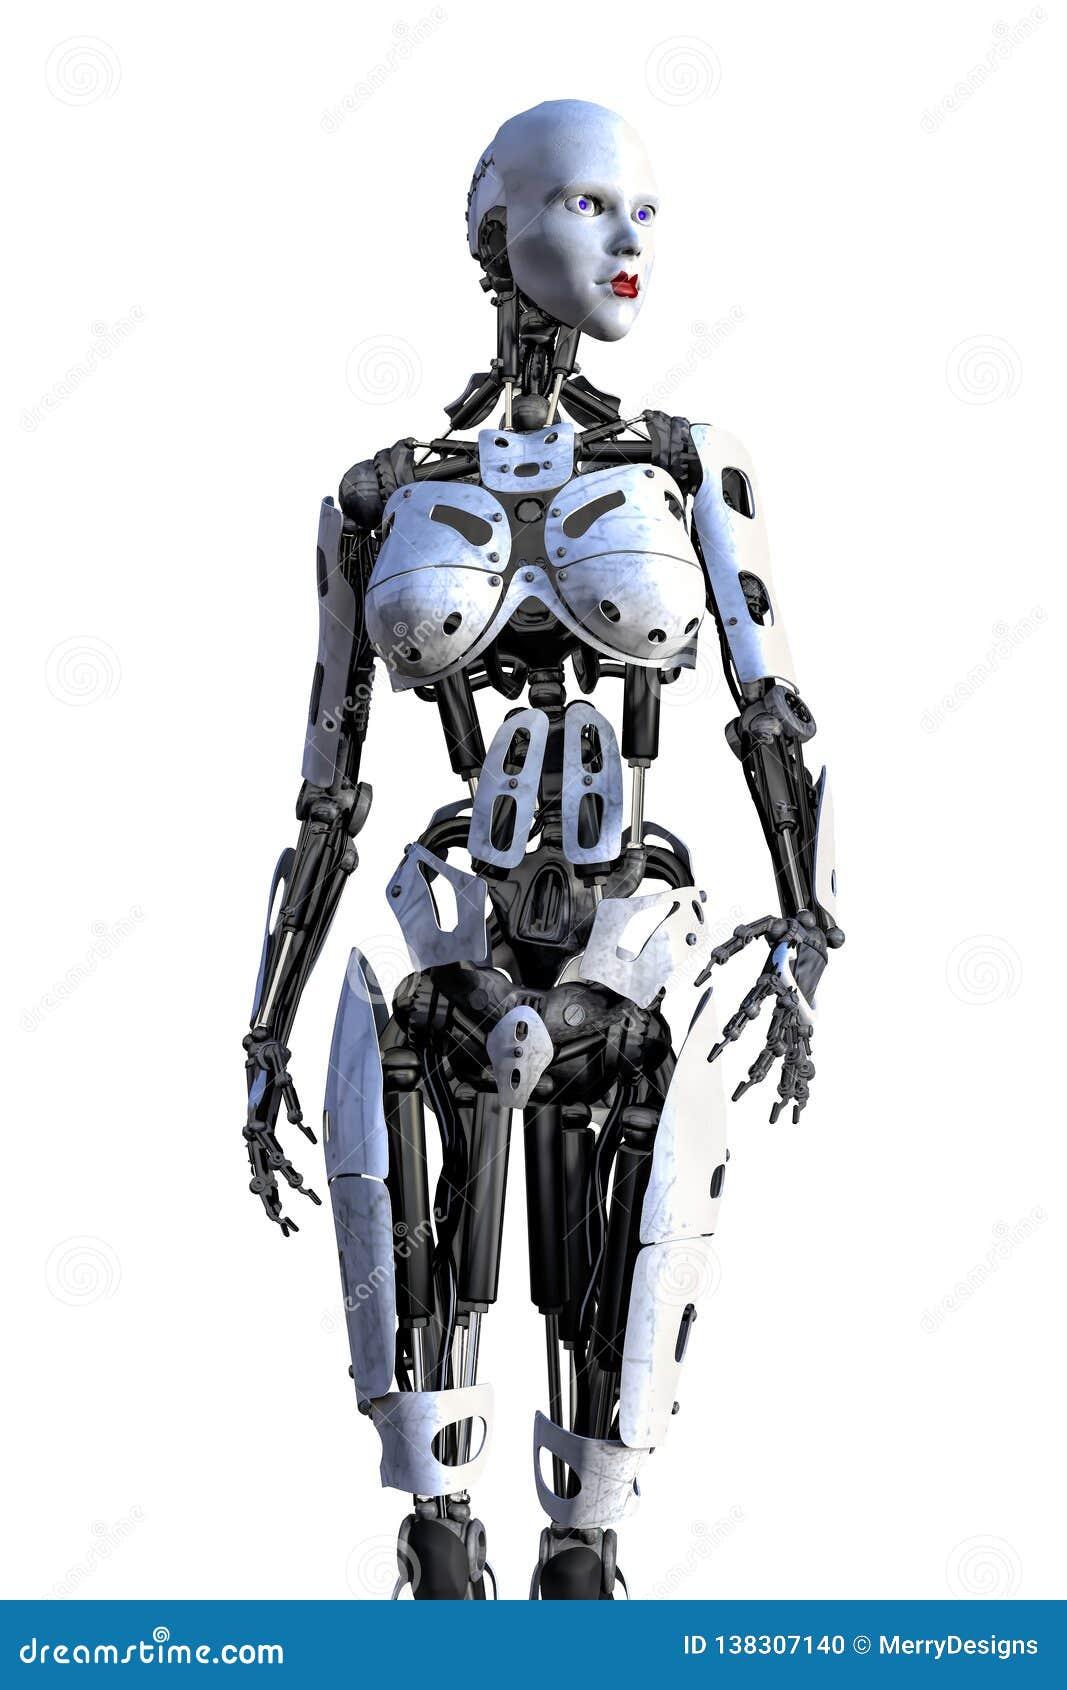 Female Cyborg Robot Isolated Stock Photo Illustration Of Cover Cyborg 138307140